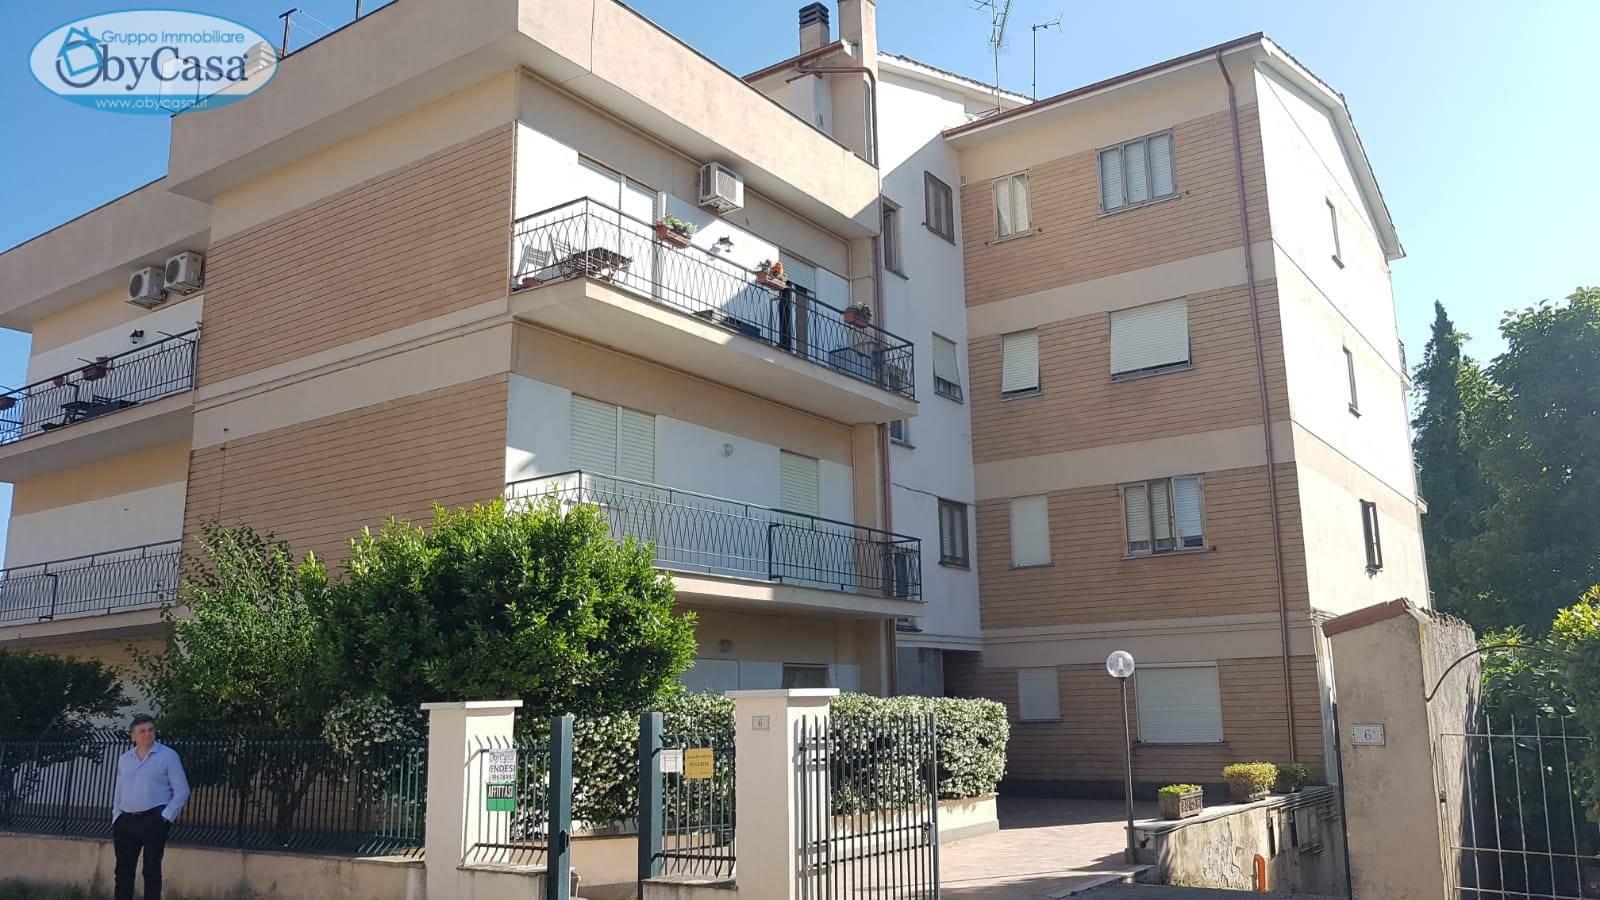 Agenzie Immobiliari Bassano appartamento 4 locali in vendita a bassano romano cod